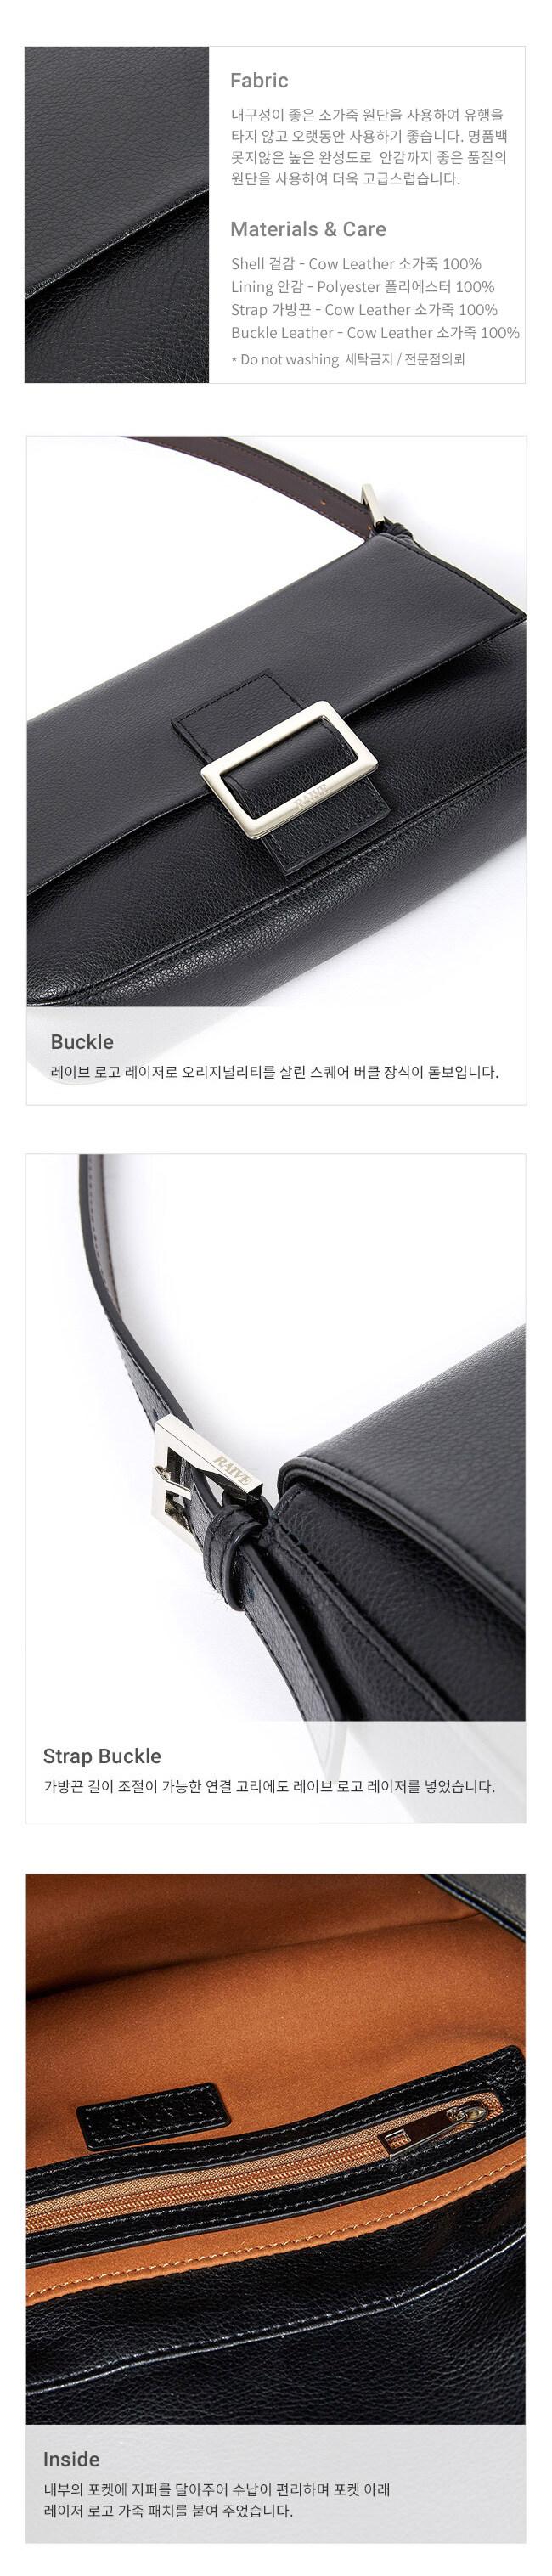 레이브(RAIVE) Real Leather Luke Bag in Black_VX0SG0830